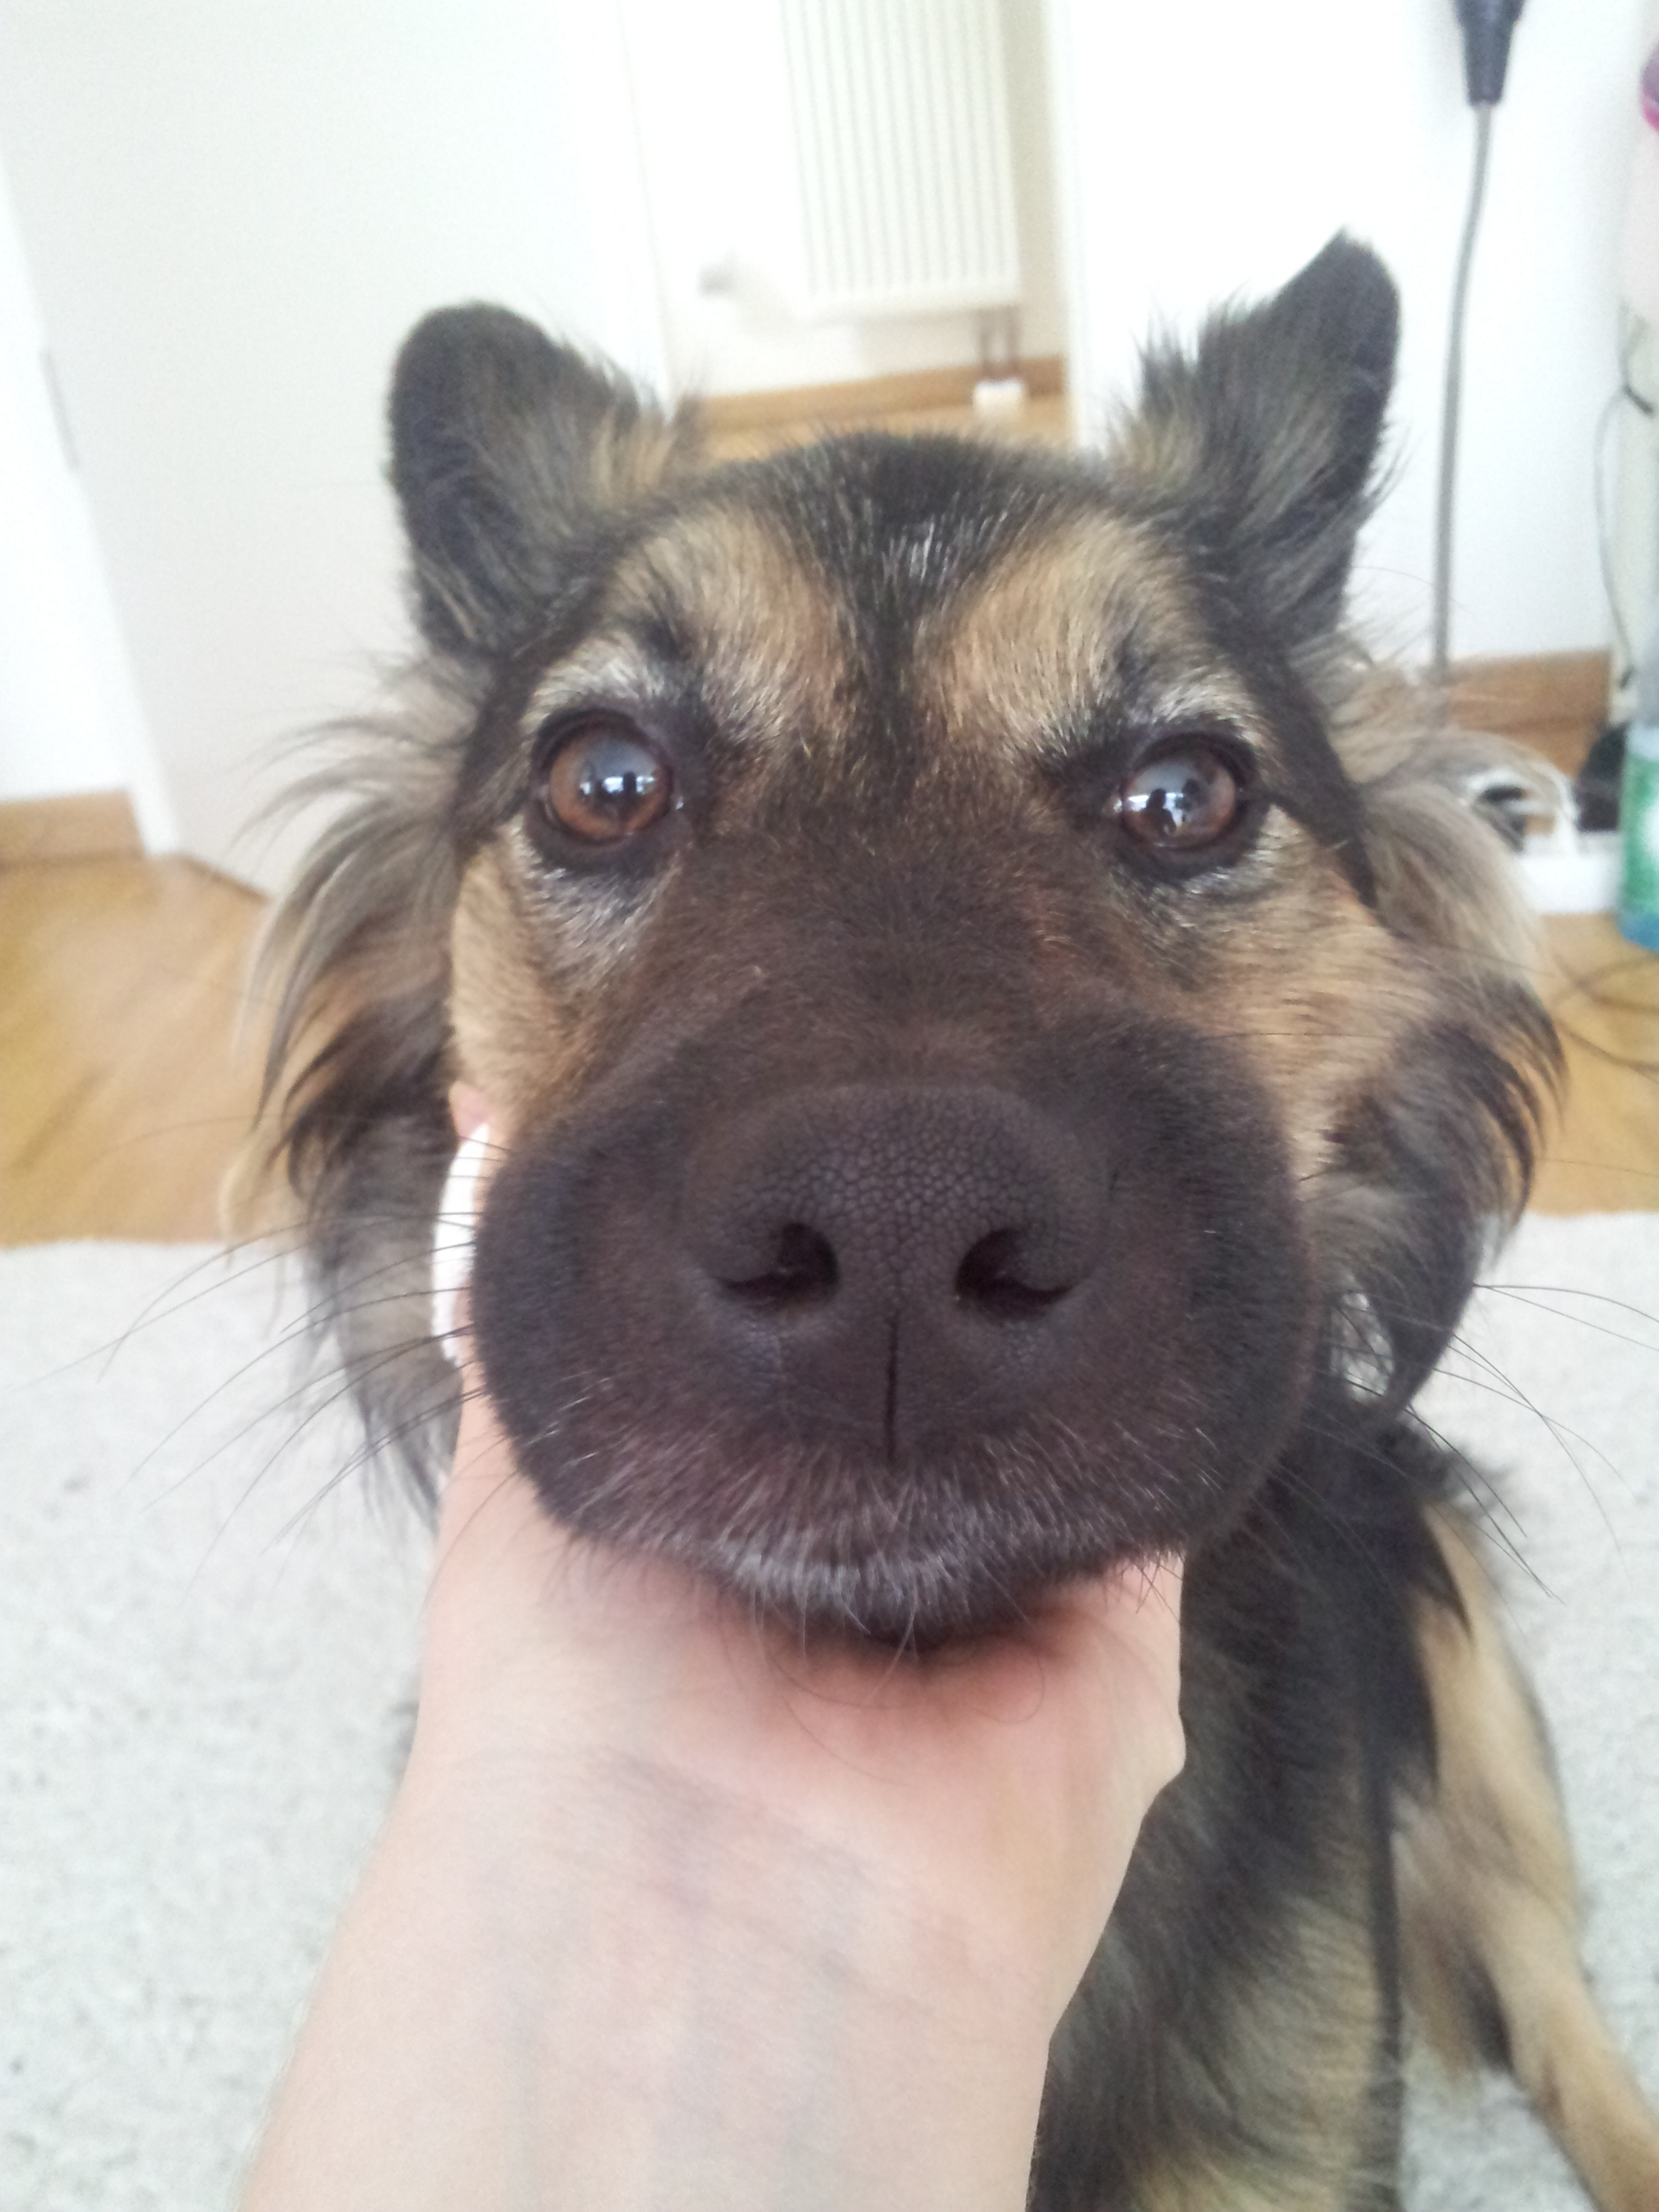 Hund hat sehr geschwollenen Bereich in der Mundgegend